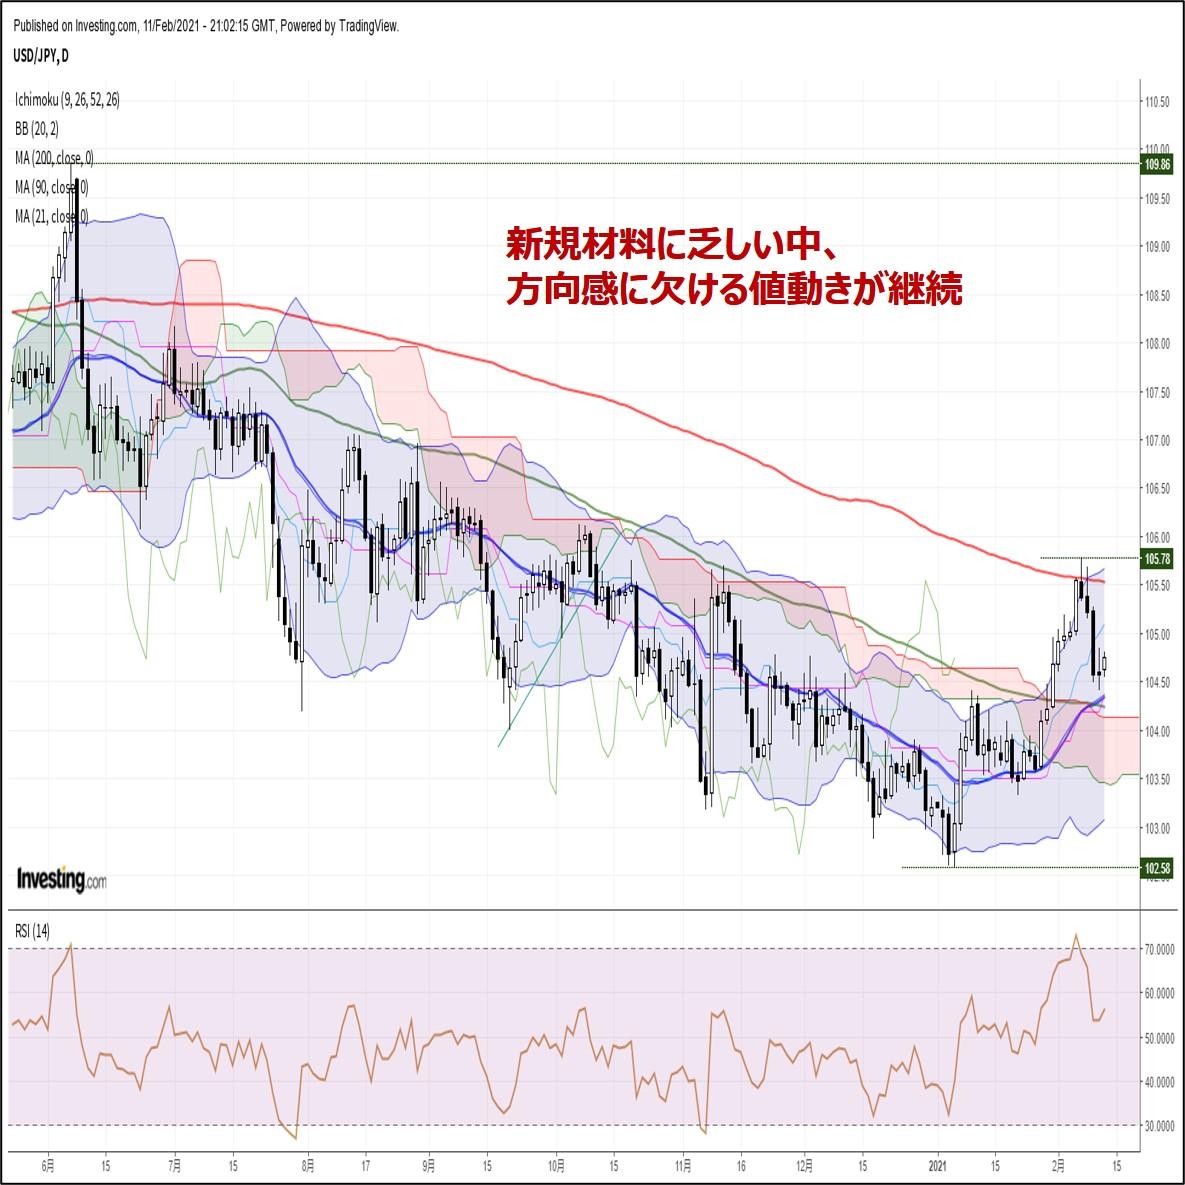 ドル円、新規材料に乏しい中、方向感に欠ける値動きが継続(2/12朝)